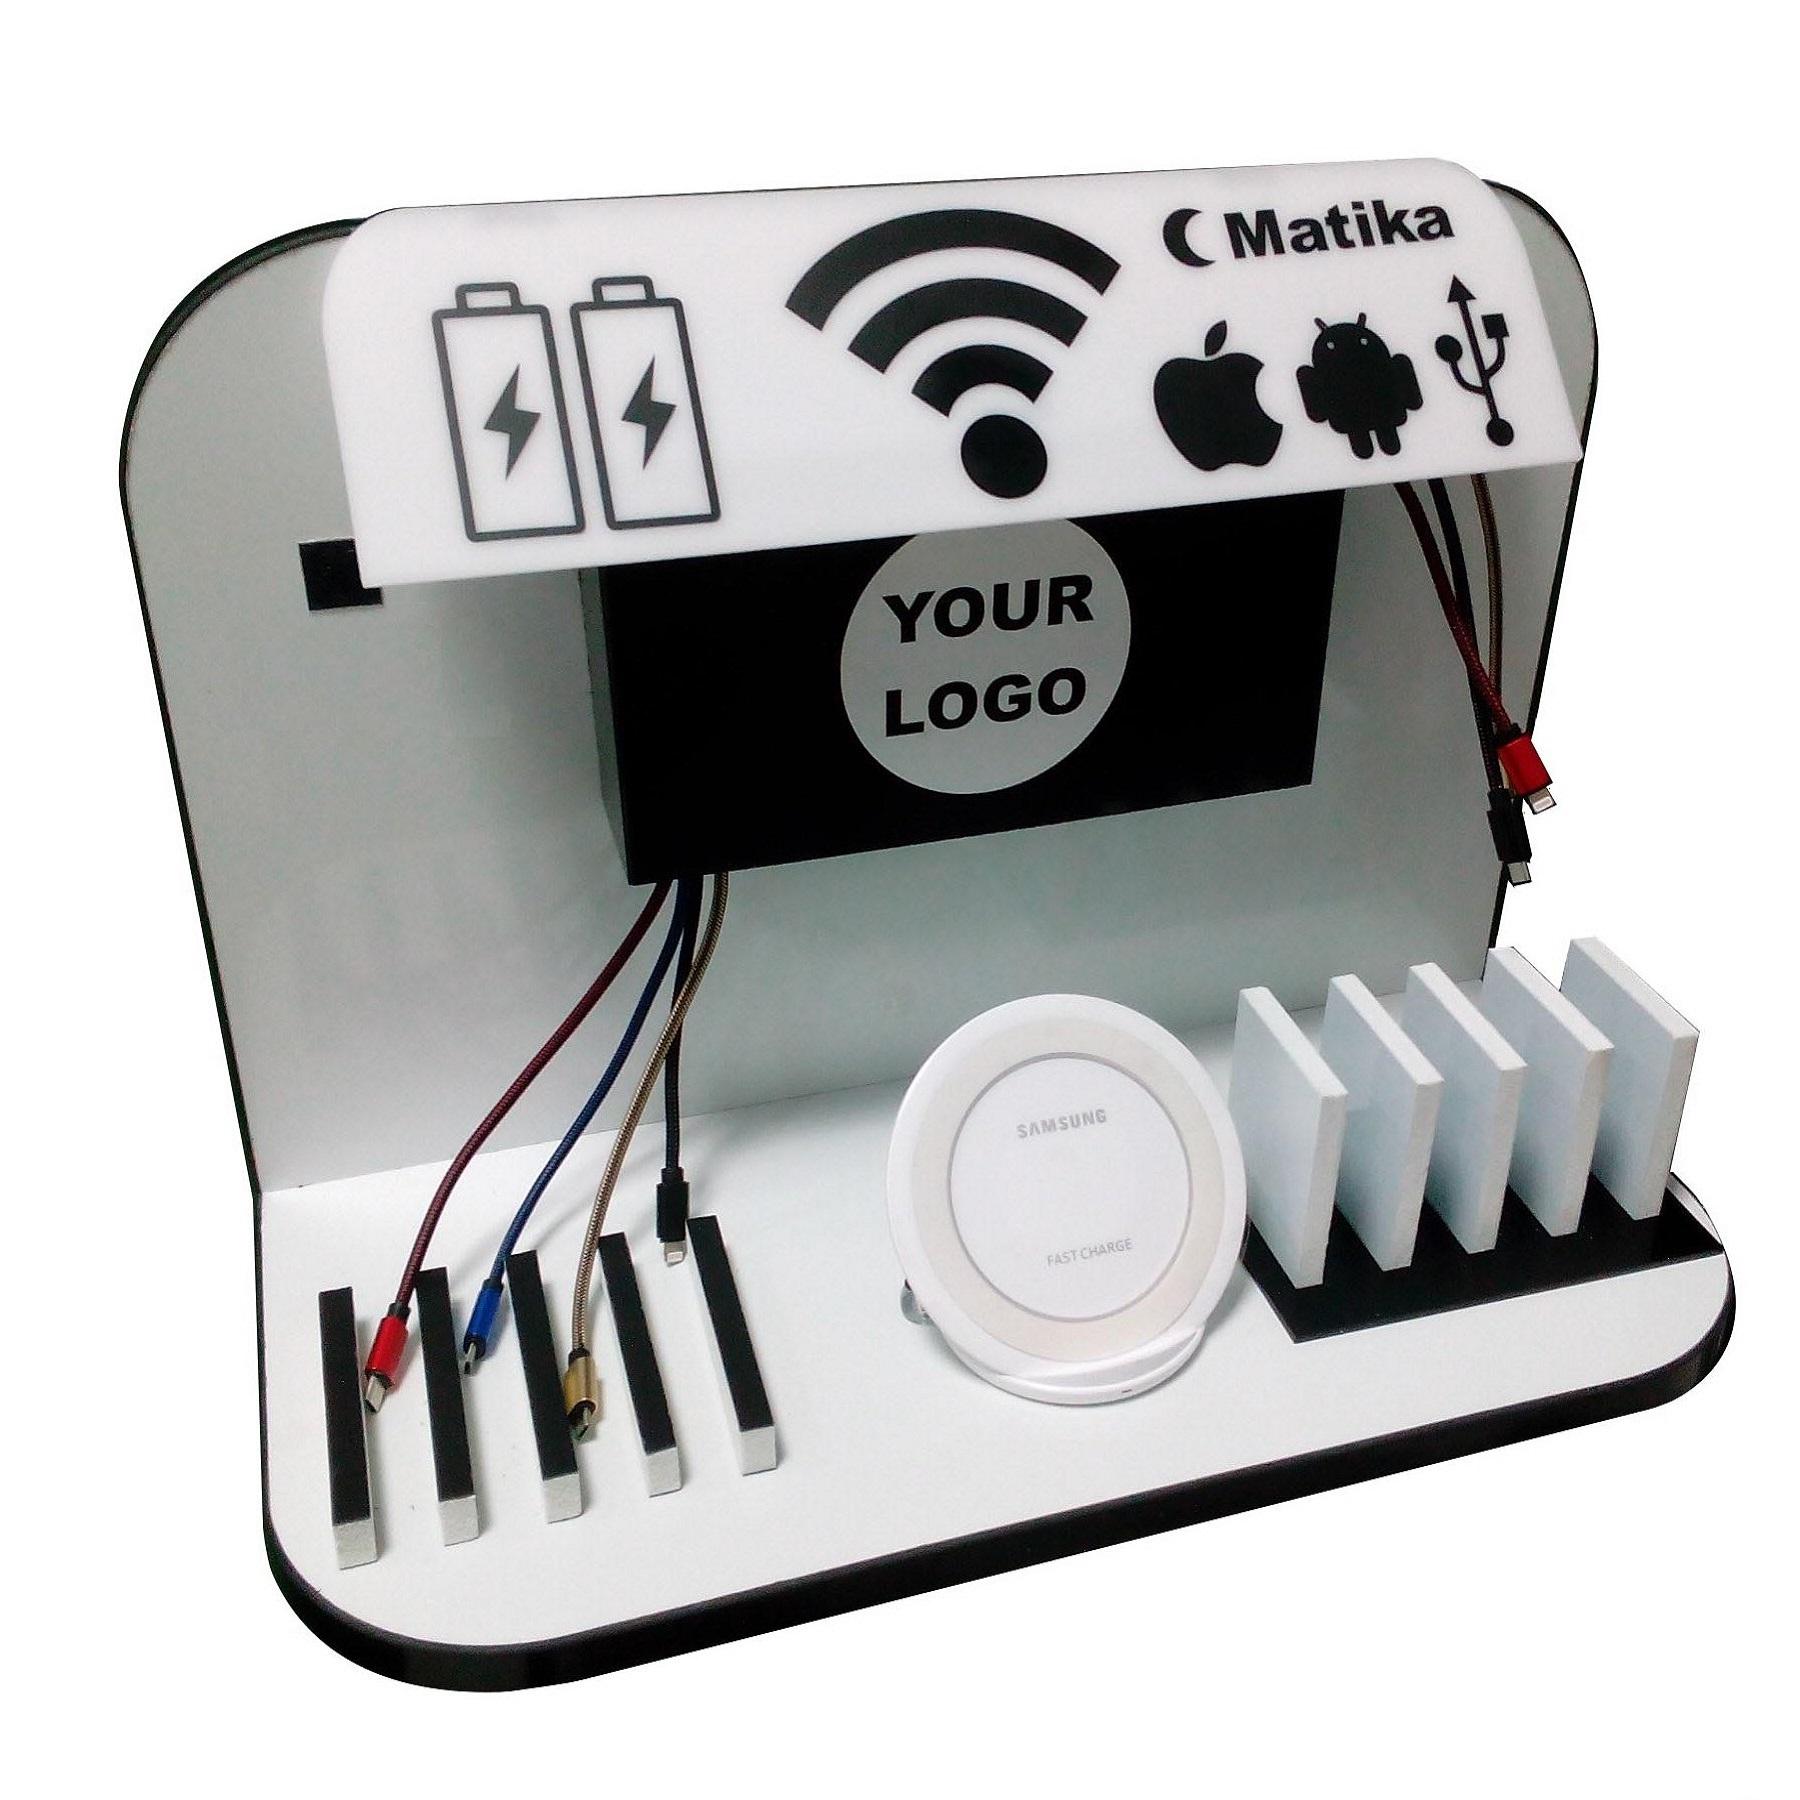 ایستگاه شارژ موبایل و تبلت ماتیکا مدل TWII-W